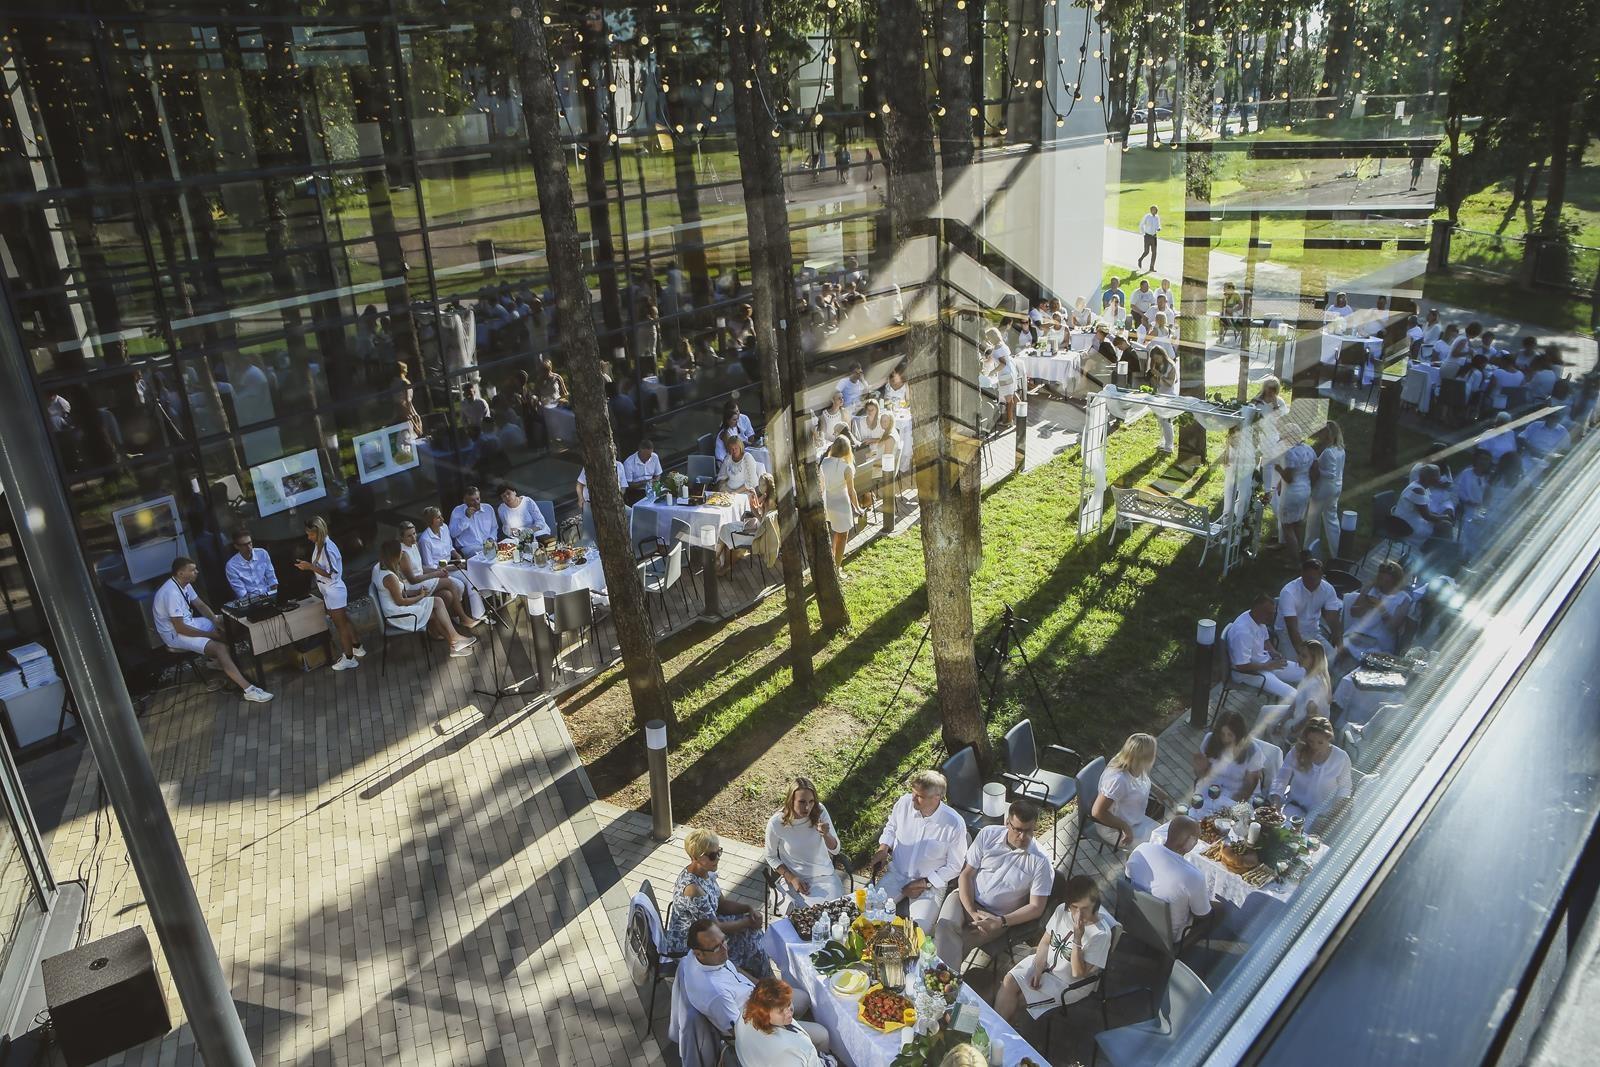 Elegantiškai balta vakarienė pajūryje: nustebino miestiečių bendrystė